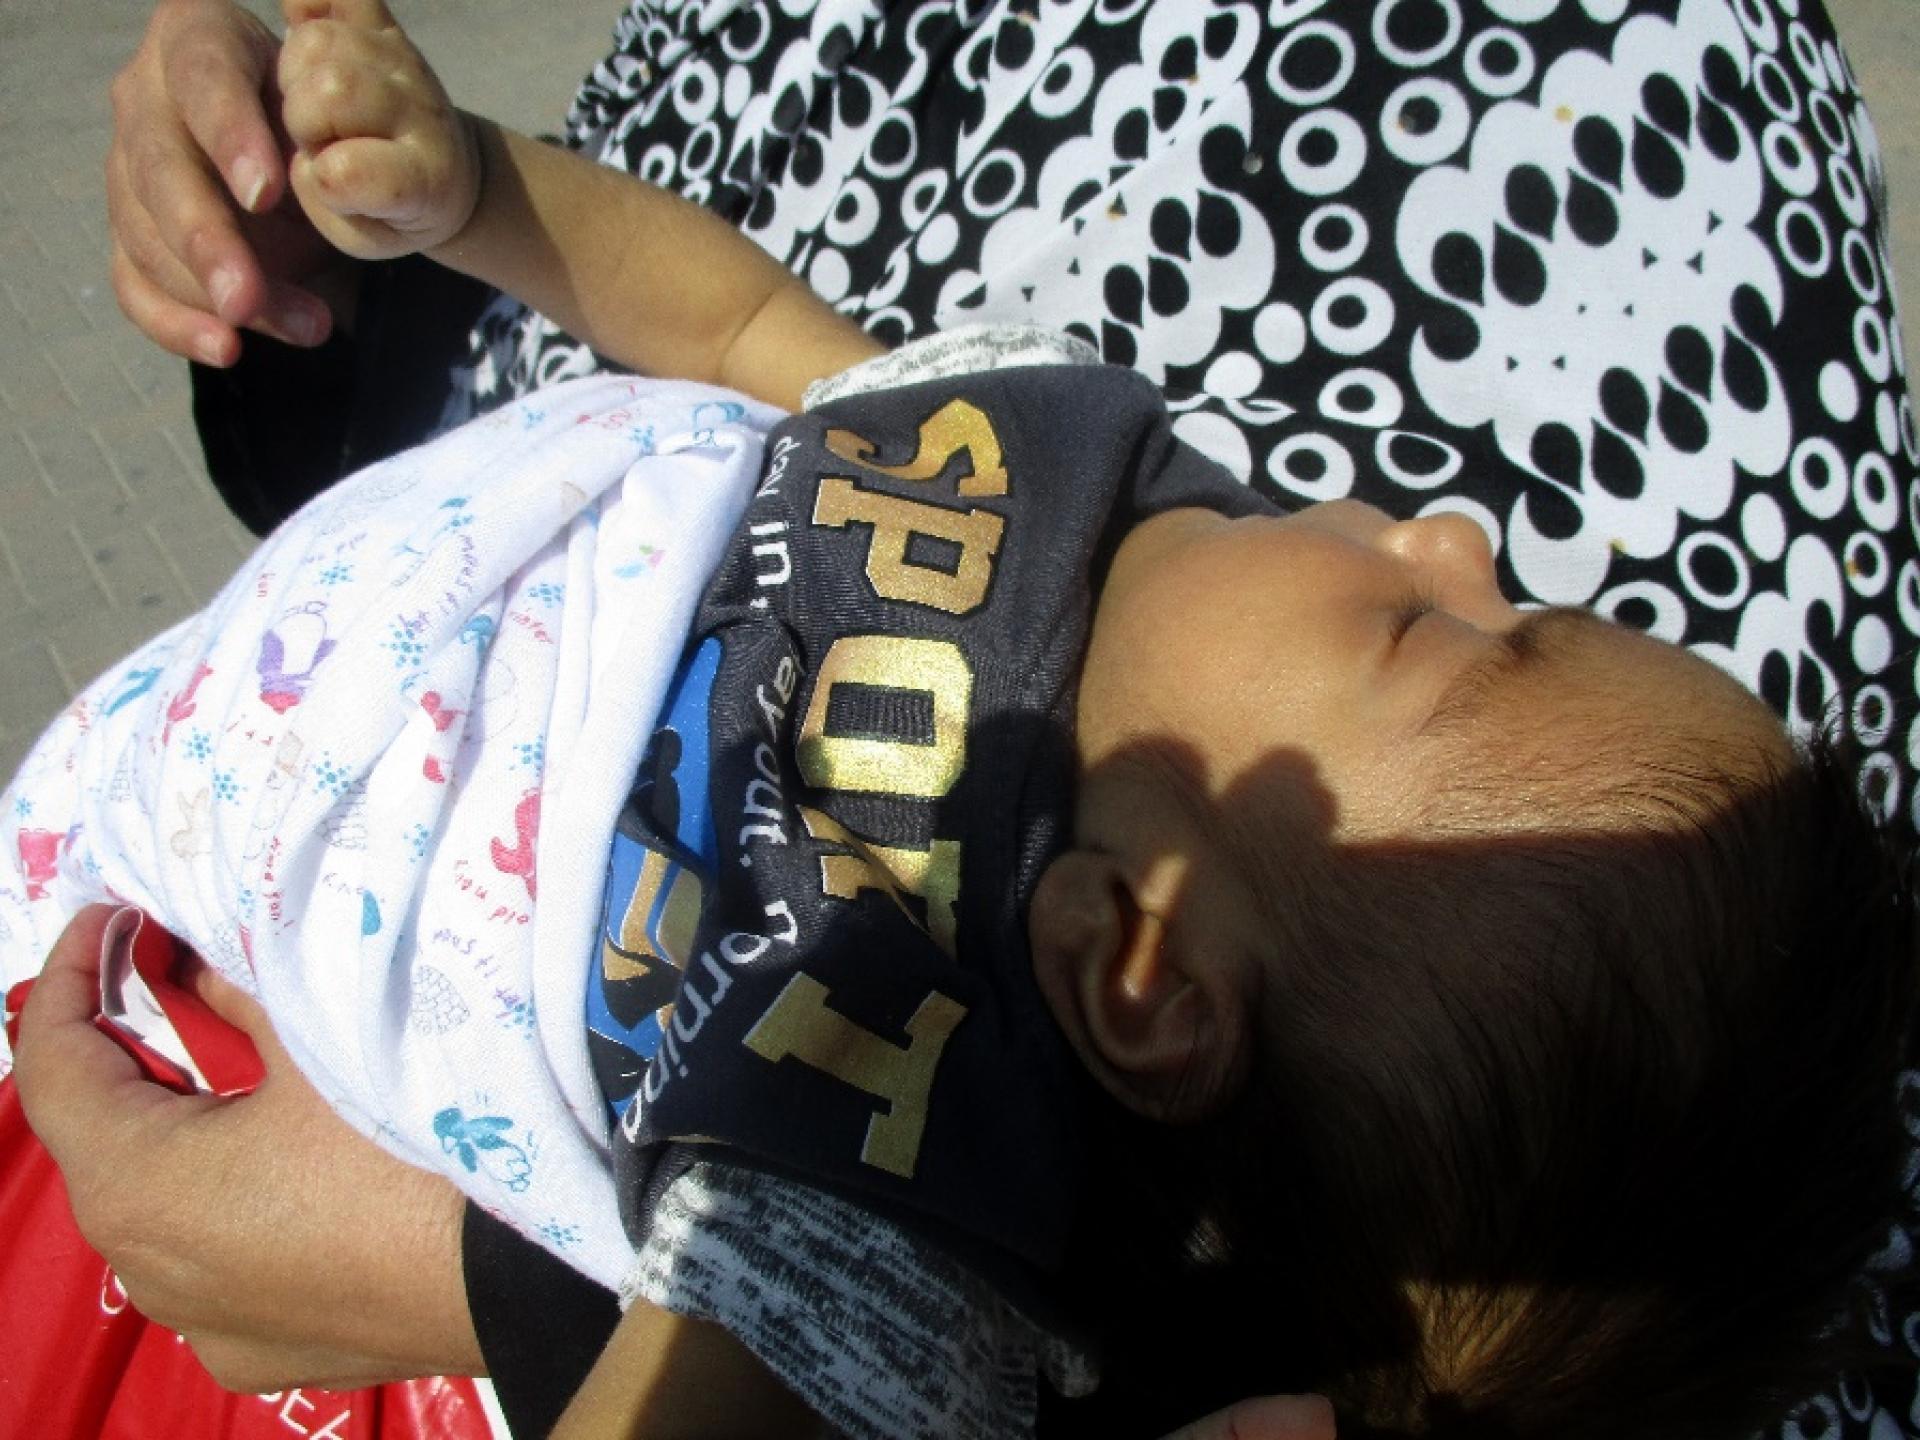 מחסום קלנדיה 5.8.2018 תינוק בן שבועיים בחיק אמו החולה